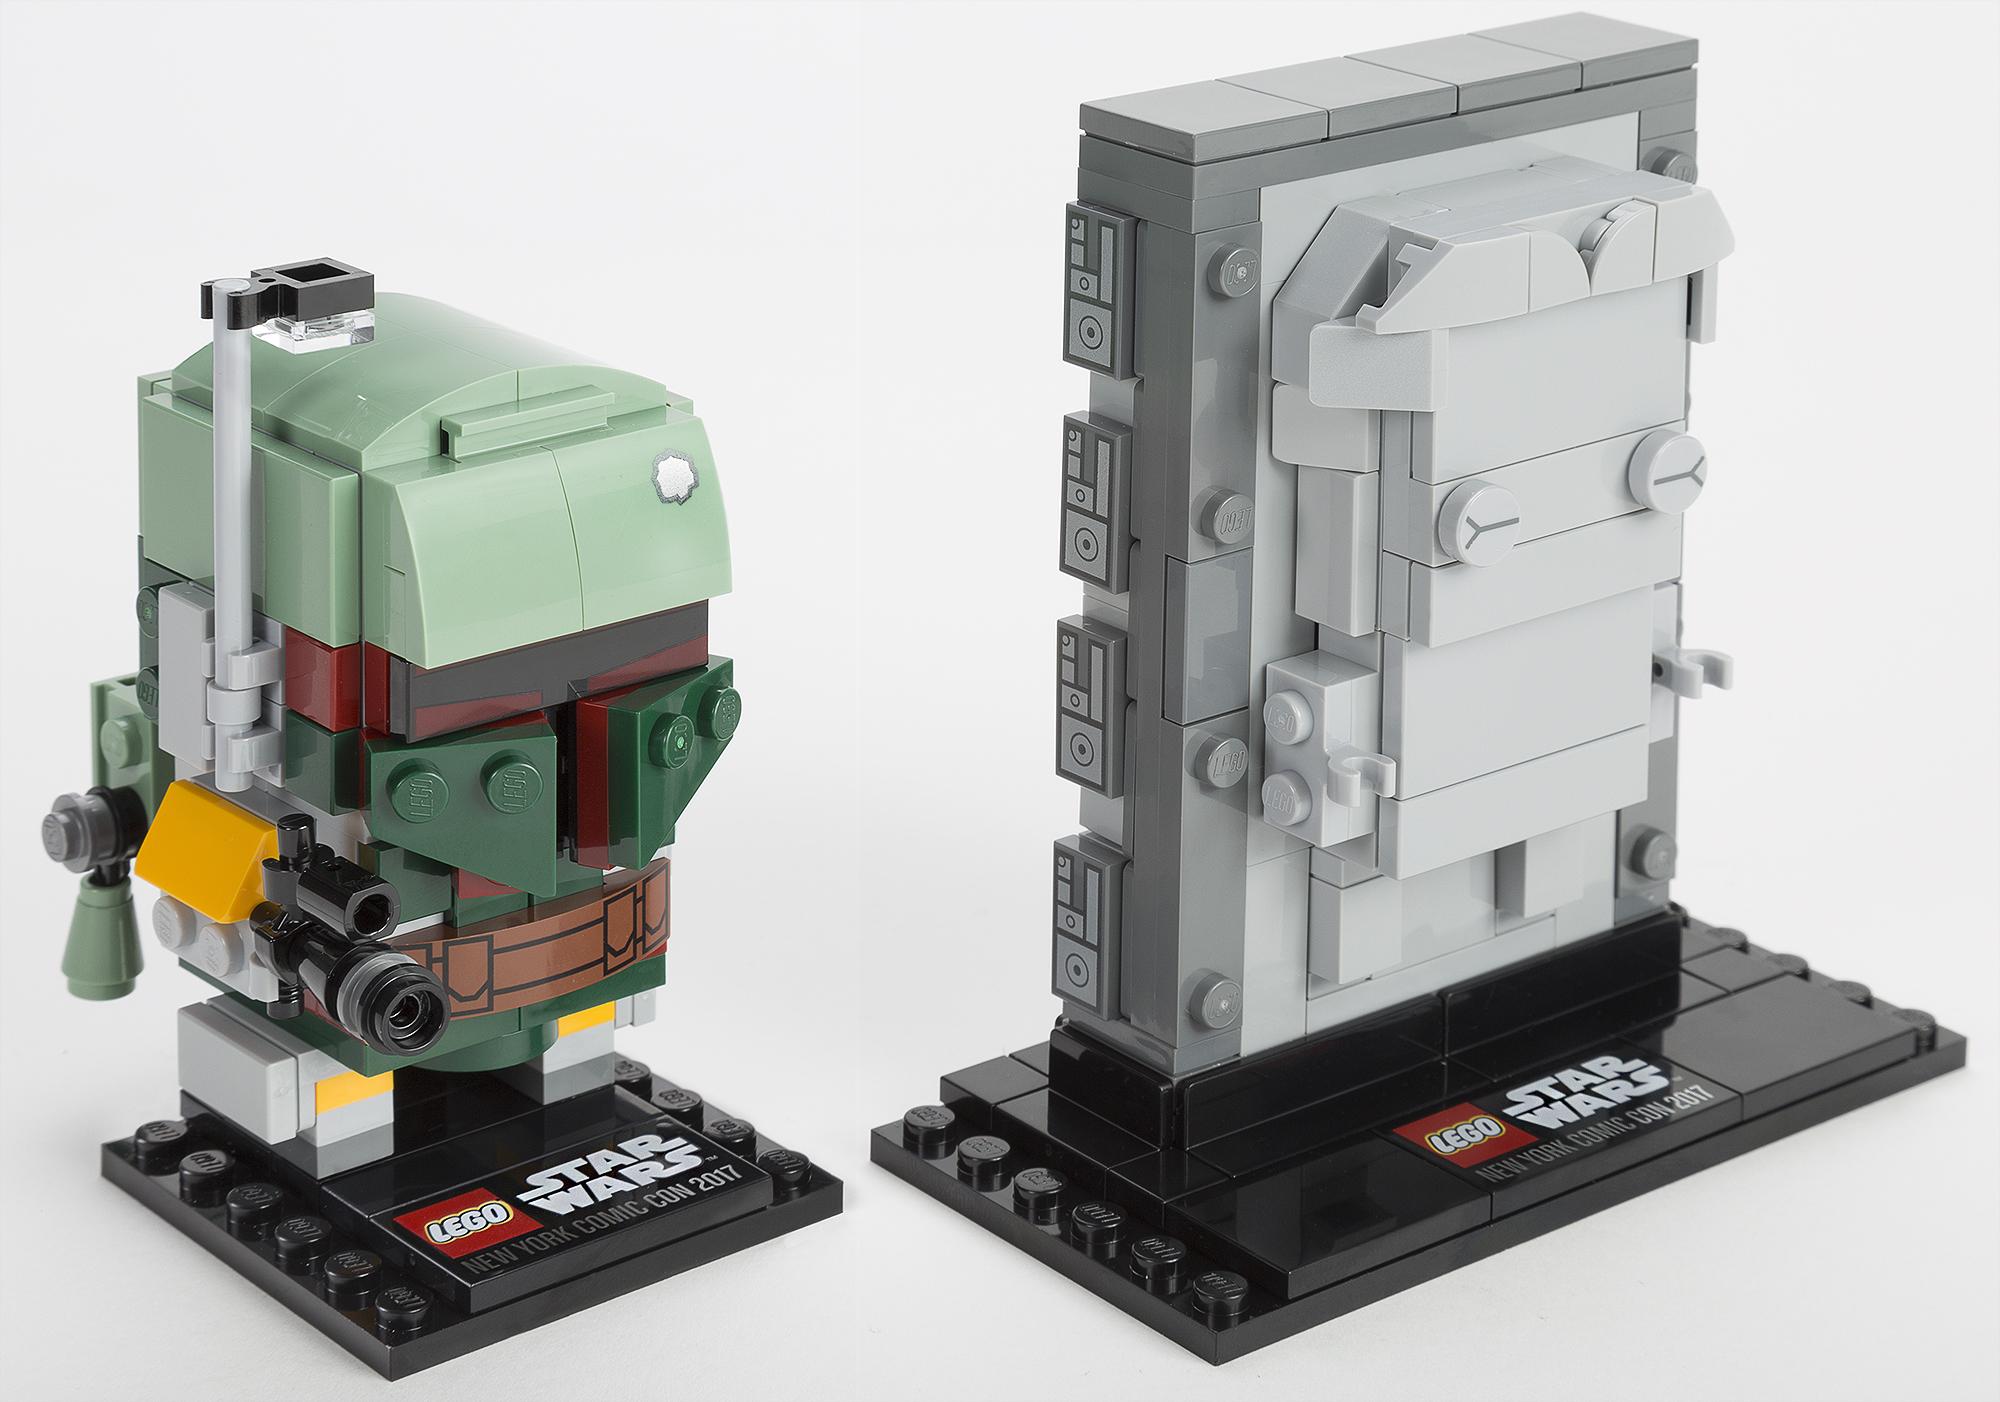 LEGO_NYCC17_Exclusive_Figures